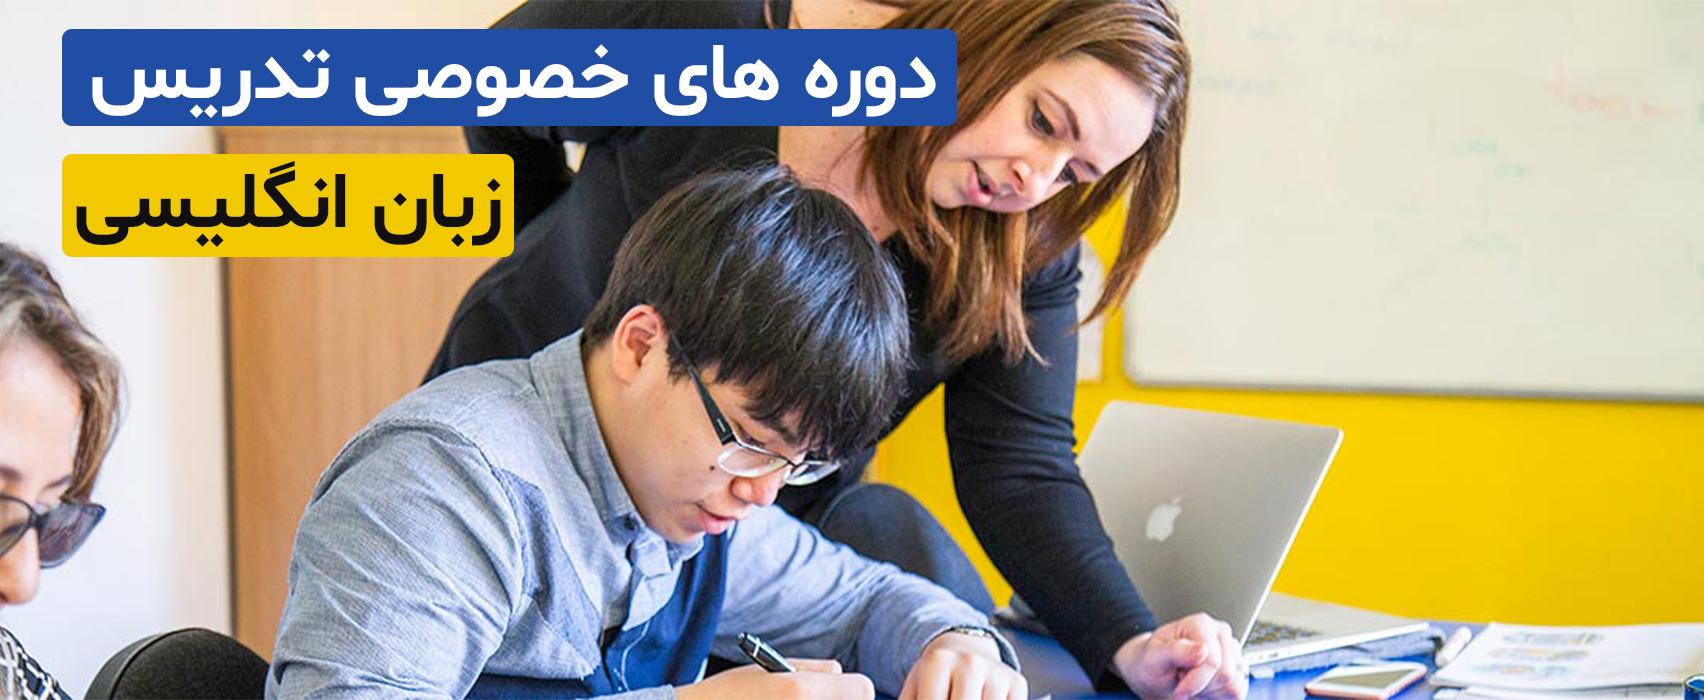 دوره های خصوصی تدریس زبان انگلیسی